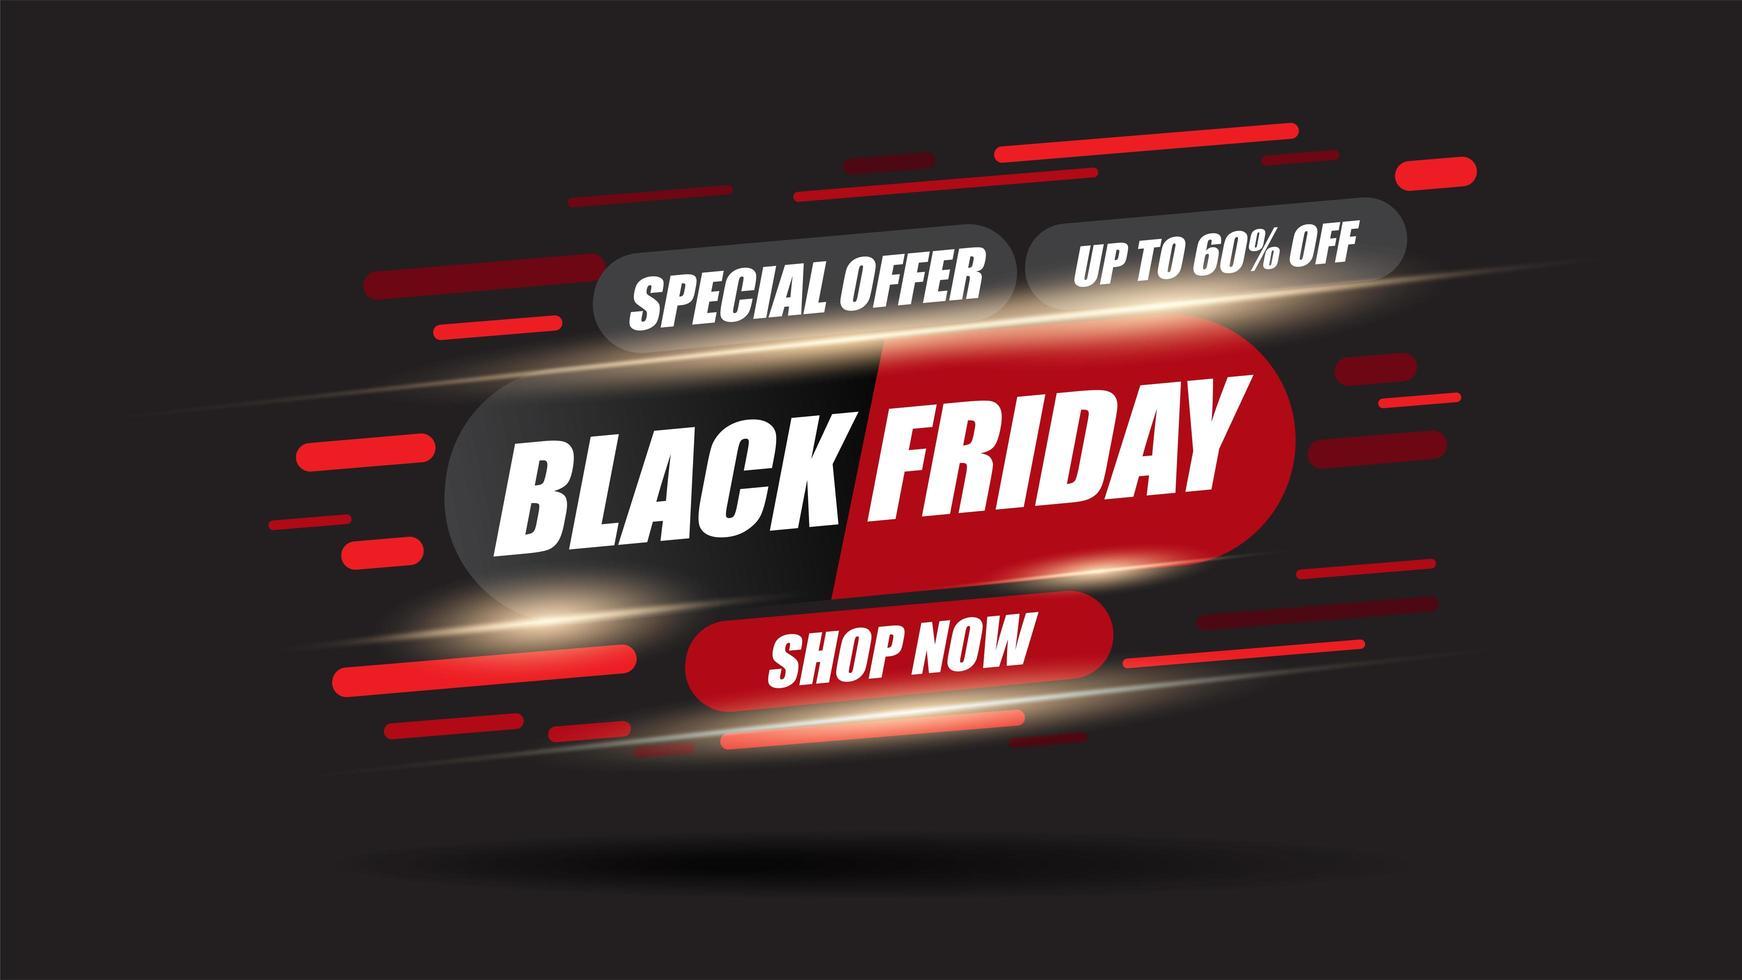 zwarte vrijdag dynamische verkoop promo flyer vector